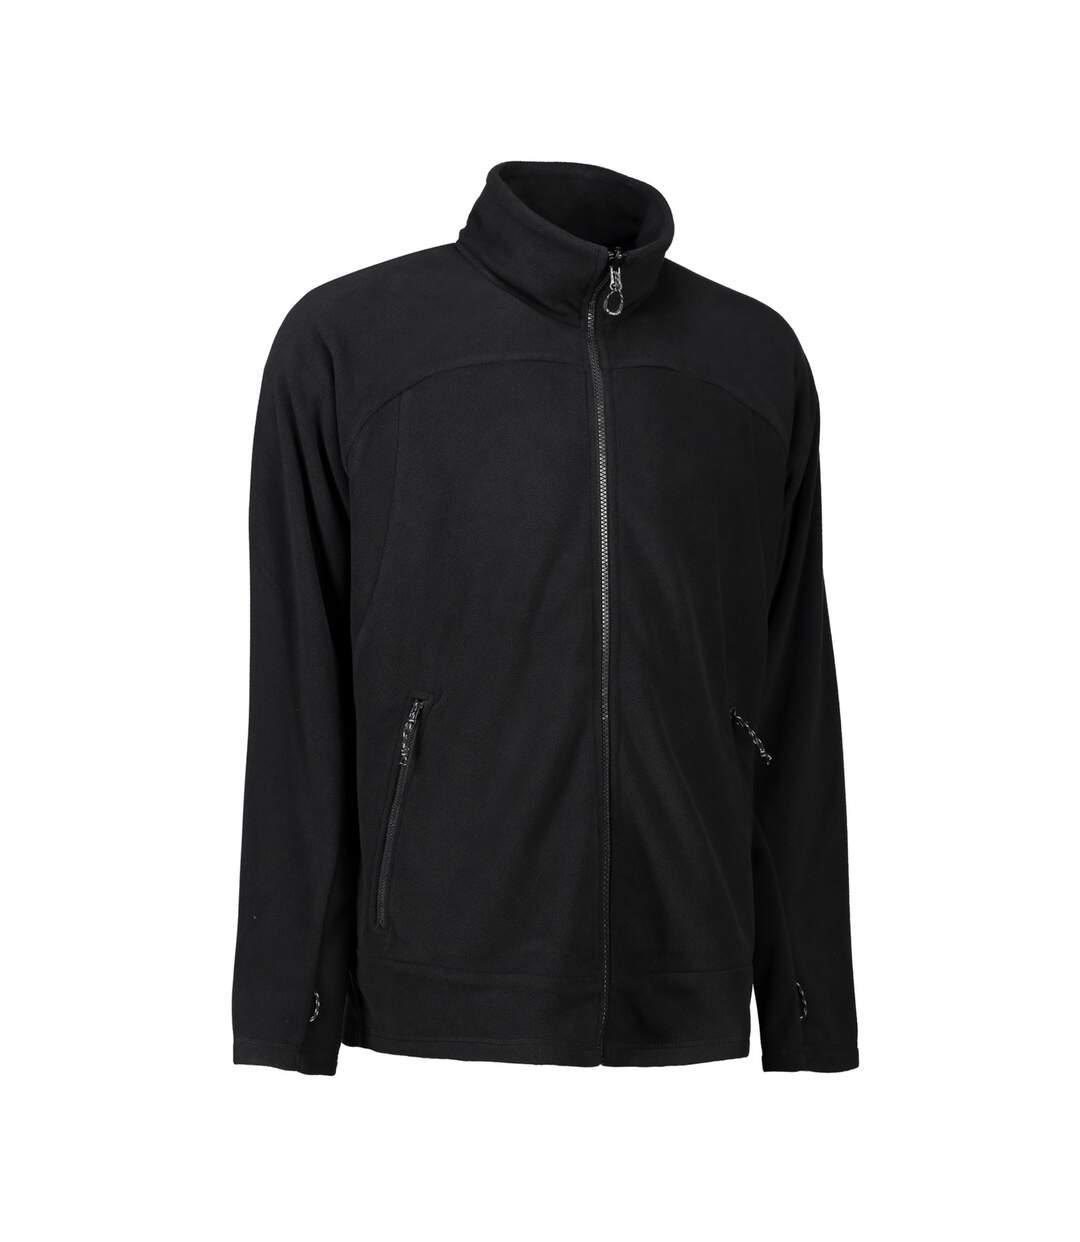 ID Mens Zip N Mix Active Fleece Jacket (Black) - UTID425